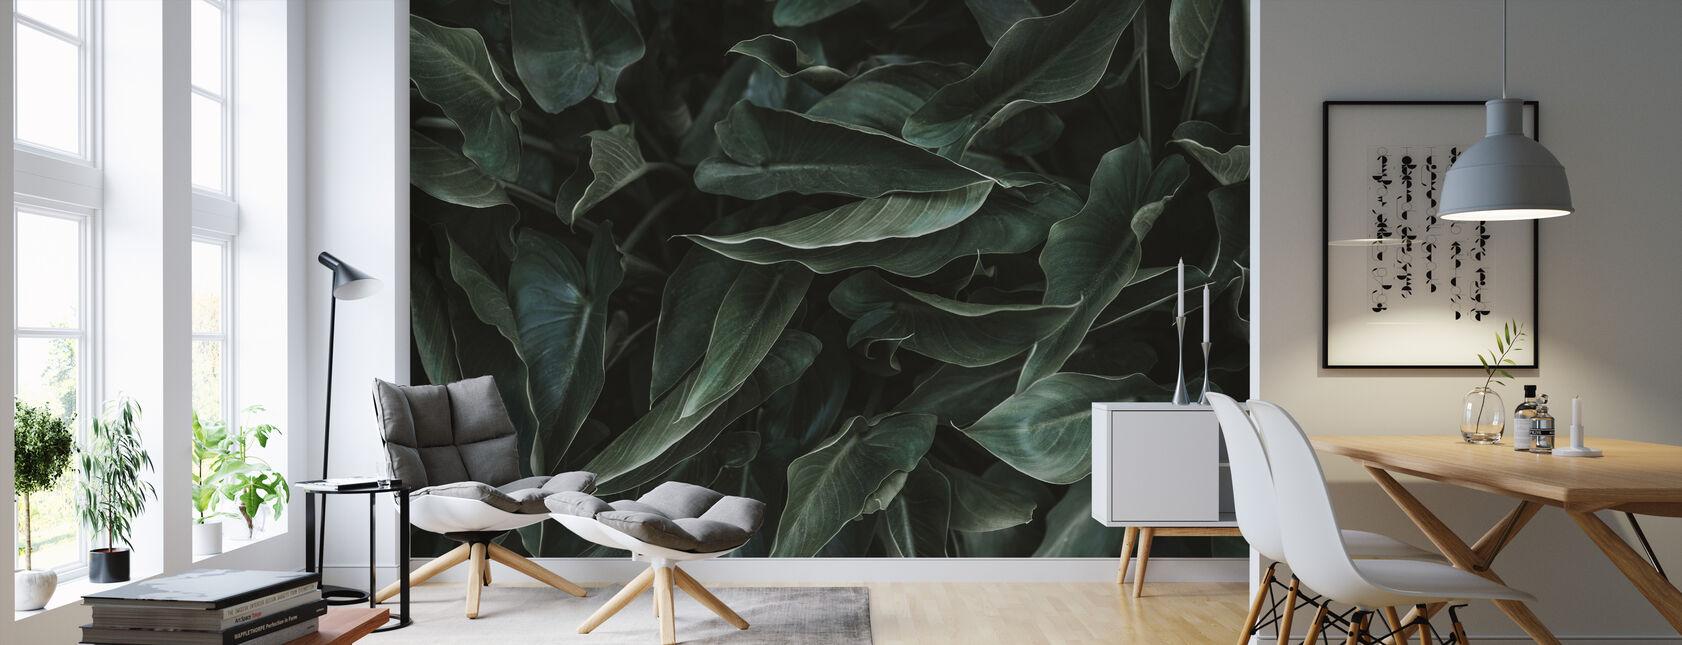 Succulent - Wallpaper - Living Room